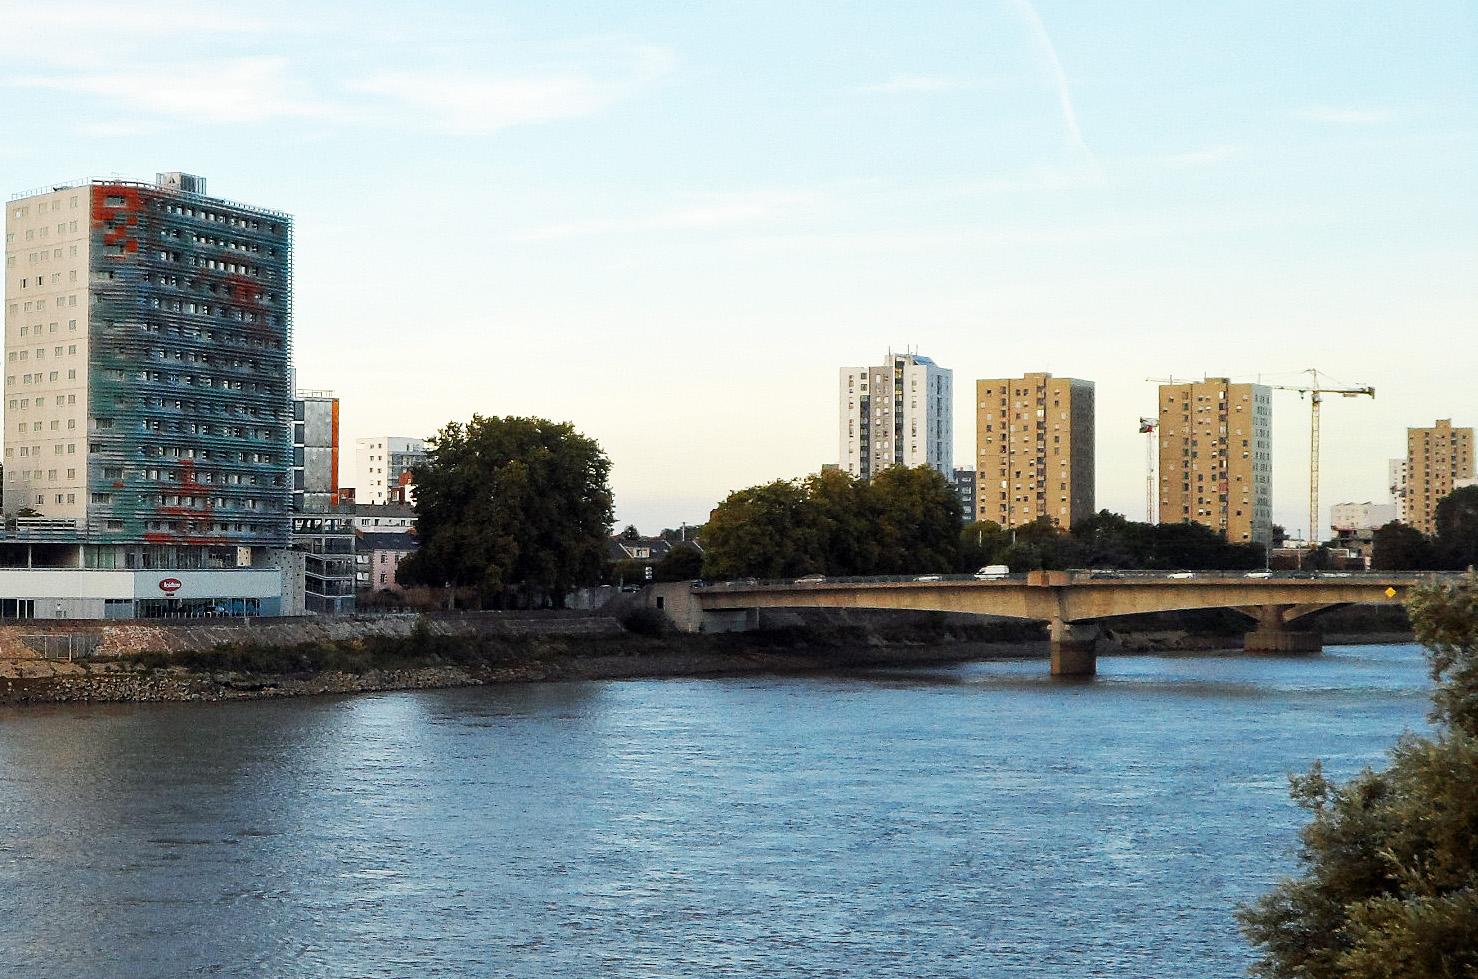 Pour la Ville de Nantes, l'origine ethnique joue un rôle dans les incivilités